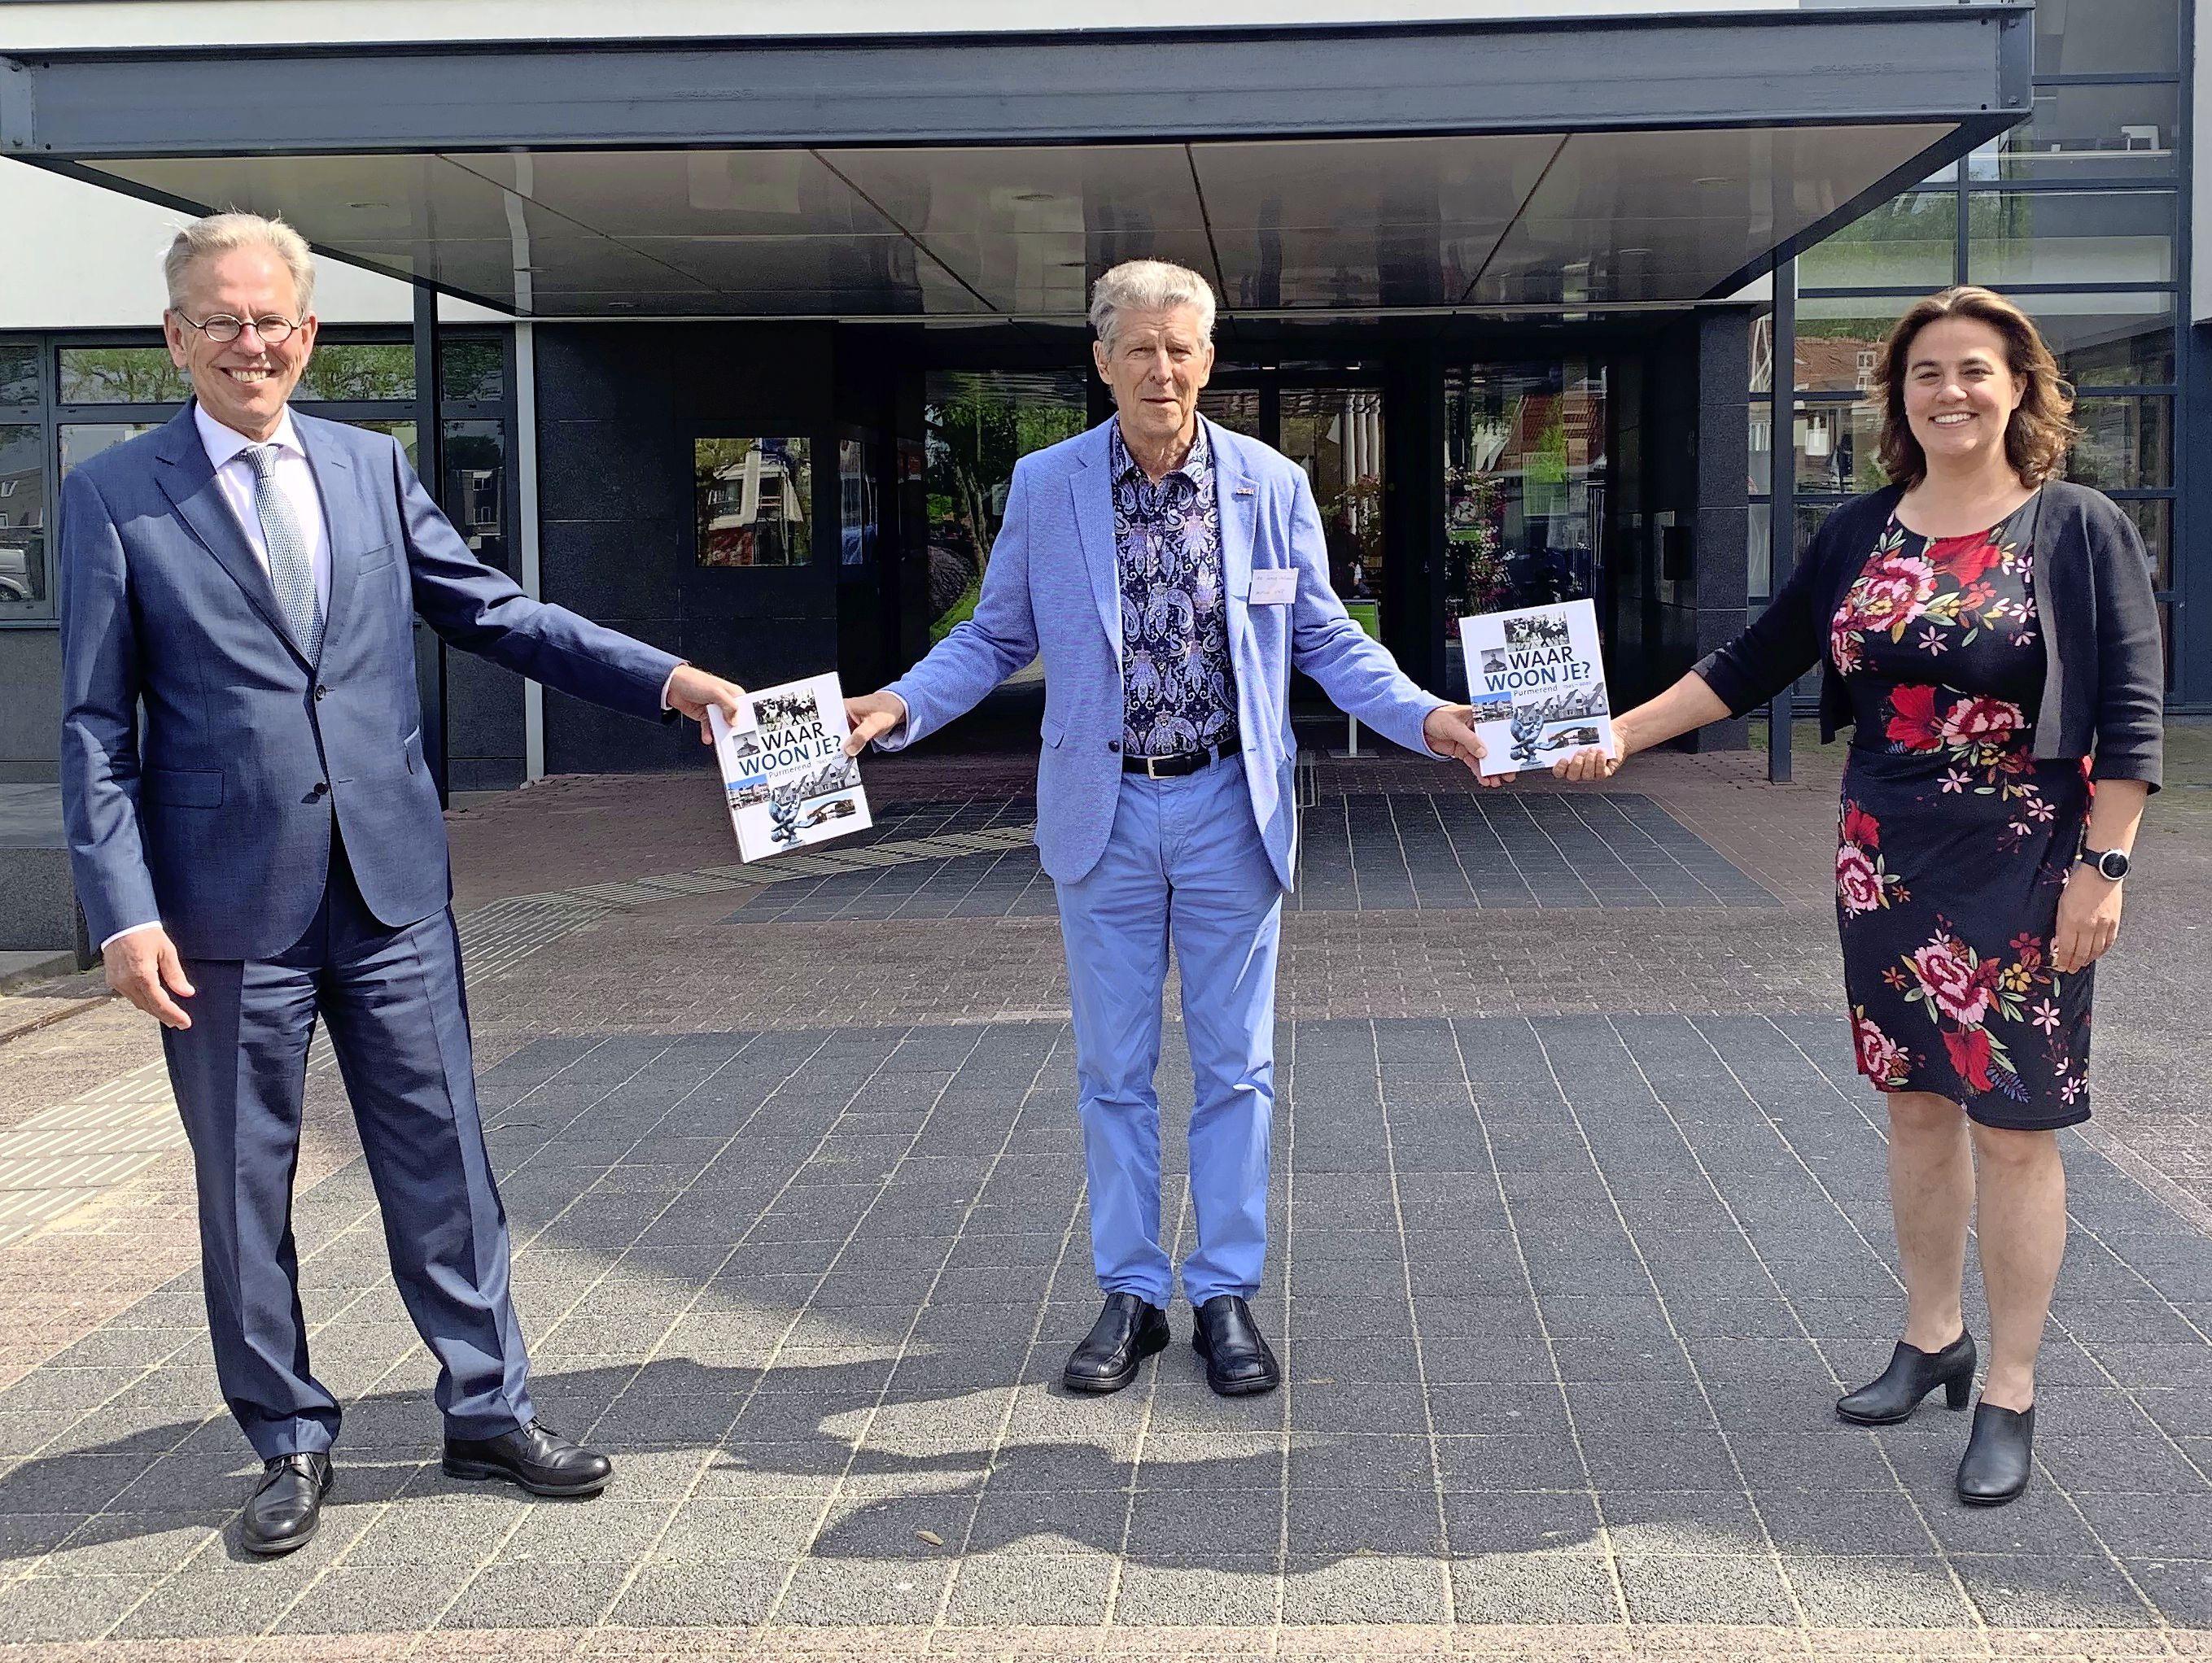 Jubileumboek Vereniging Historisch Purmerend uit: 'Geen optelsom van feiten maar verhalen met mensen'